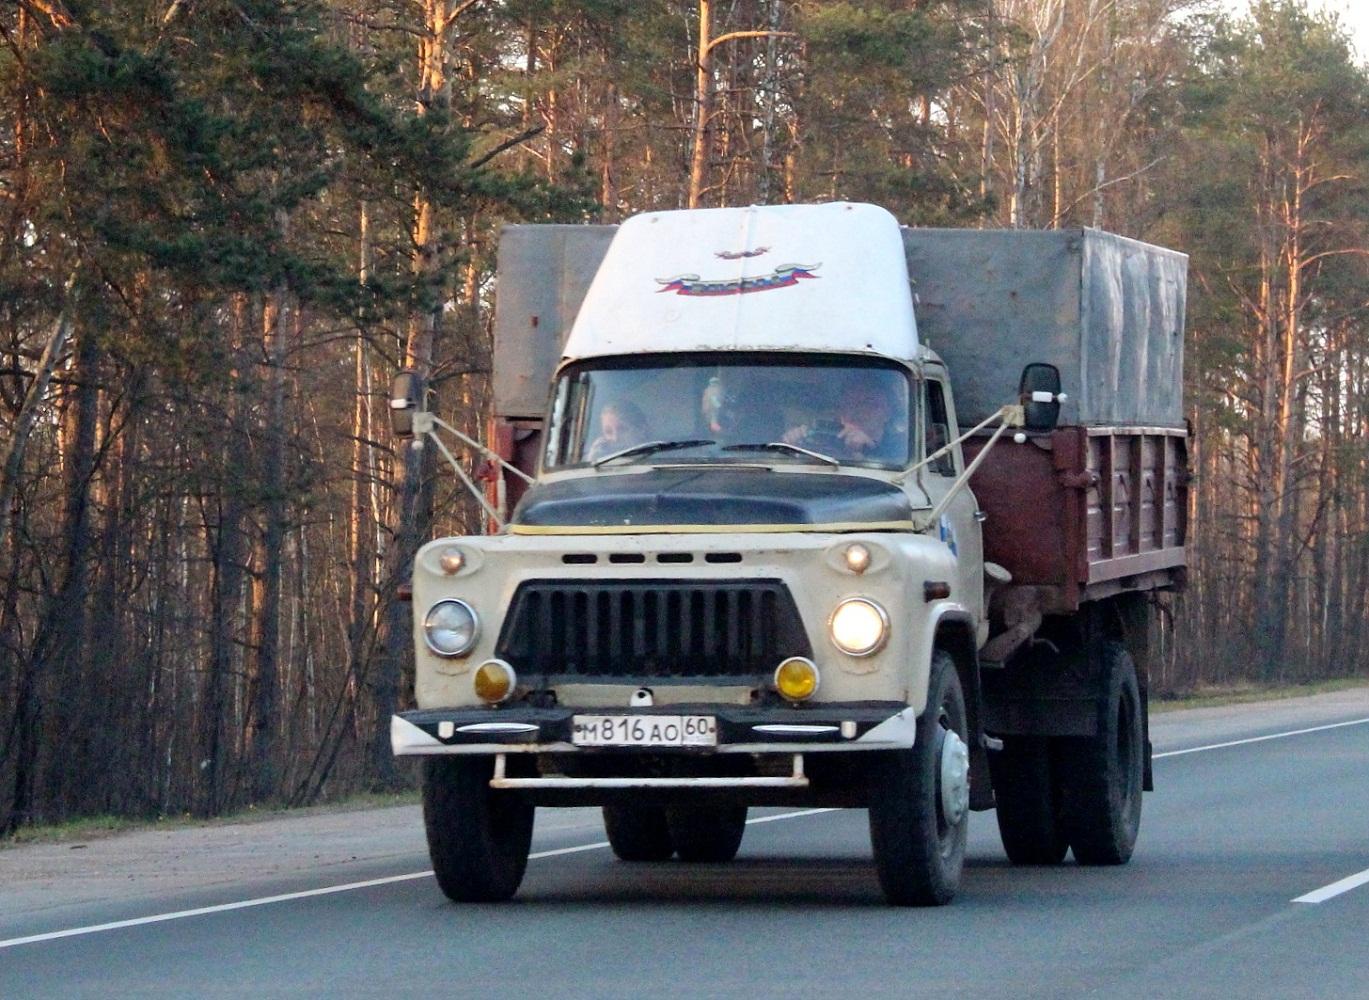 Самосвал ГАЗ-САЗ-53Б на шасси ГАЗ-53А #М 816 АО 60. Псков, Ленинградское шоссе